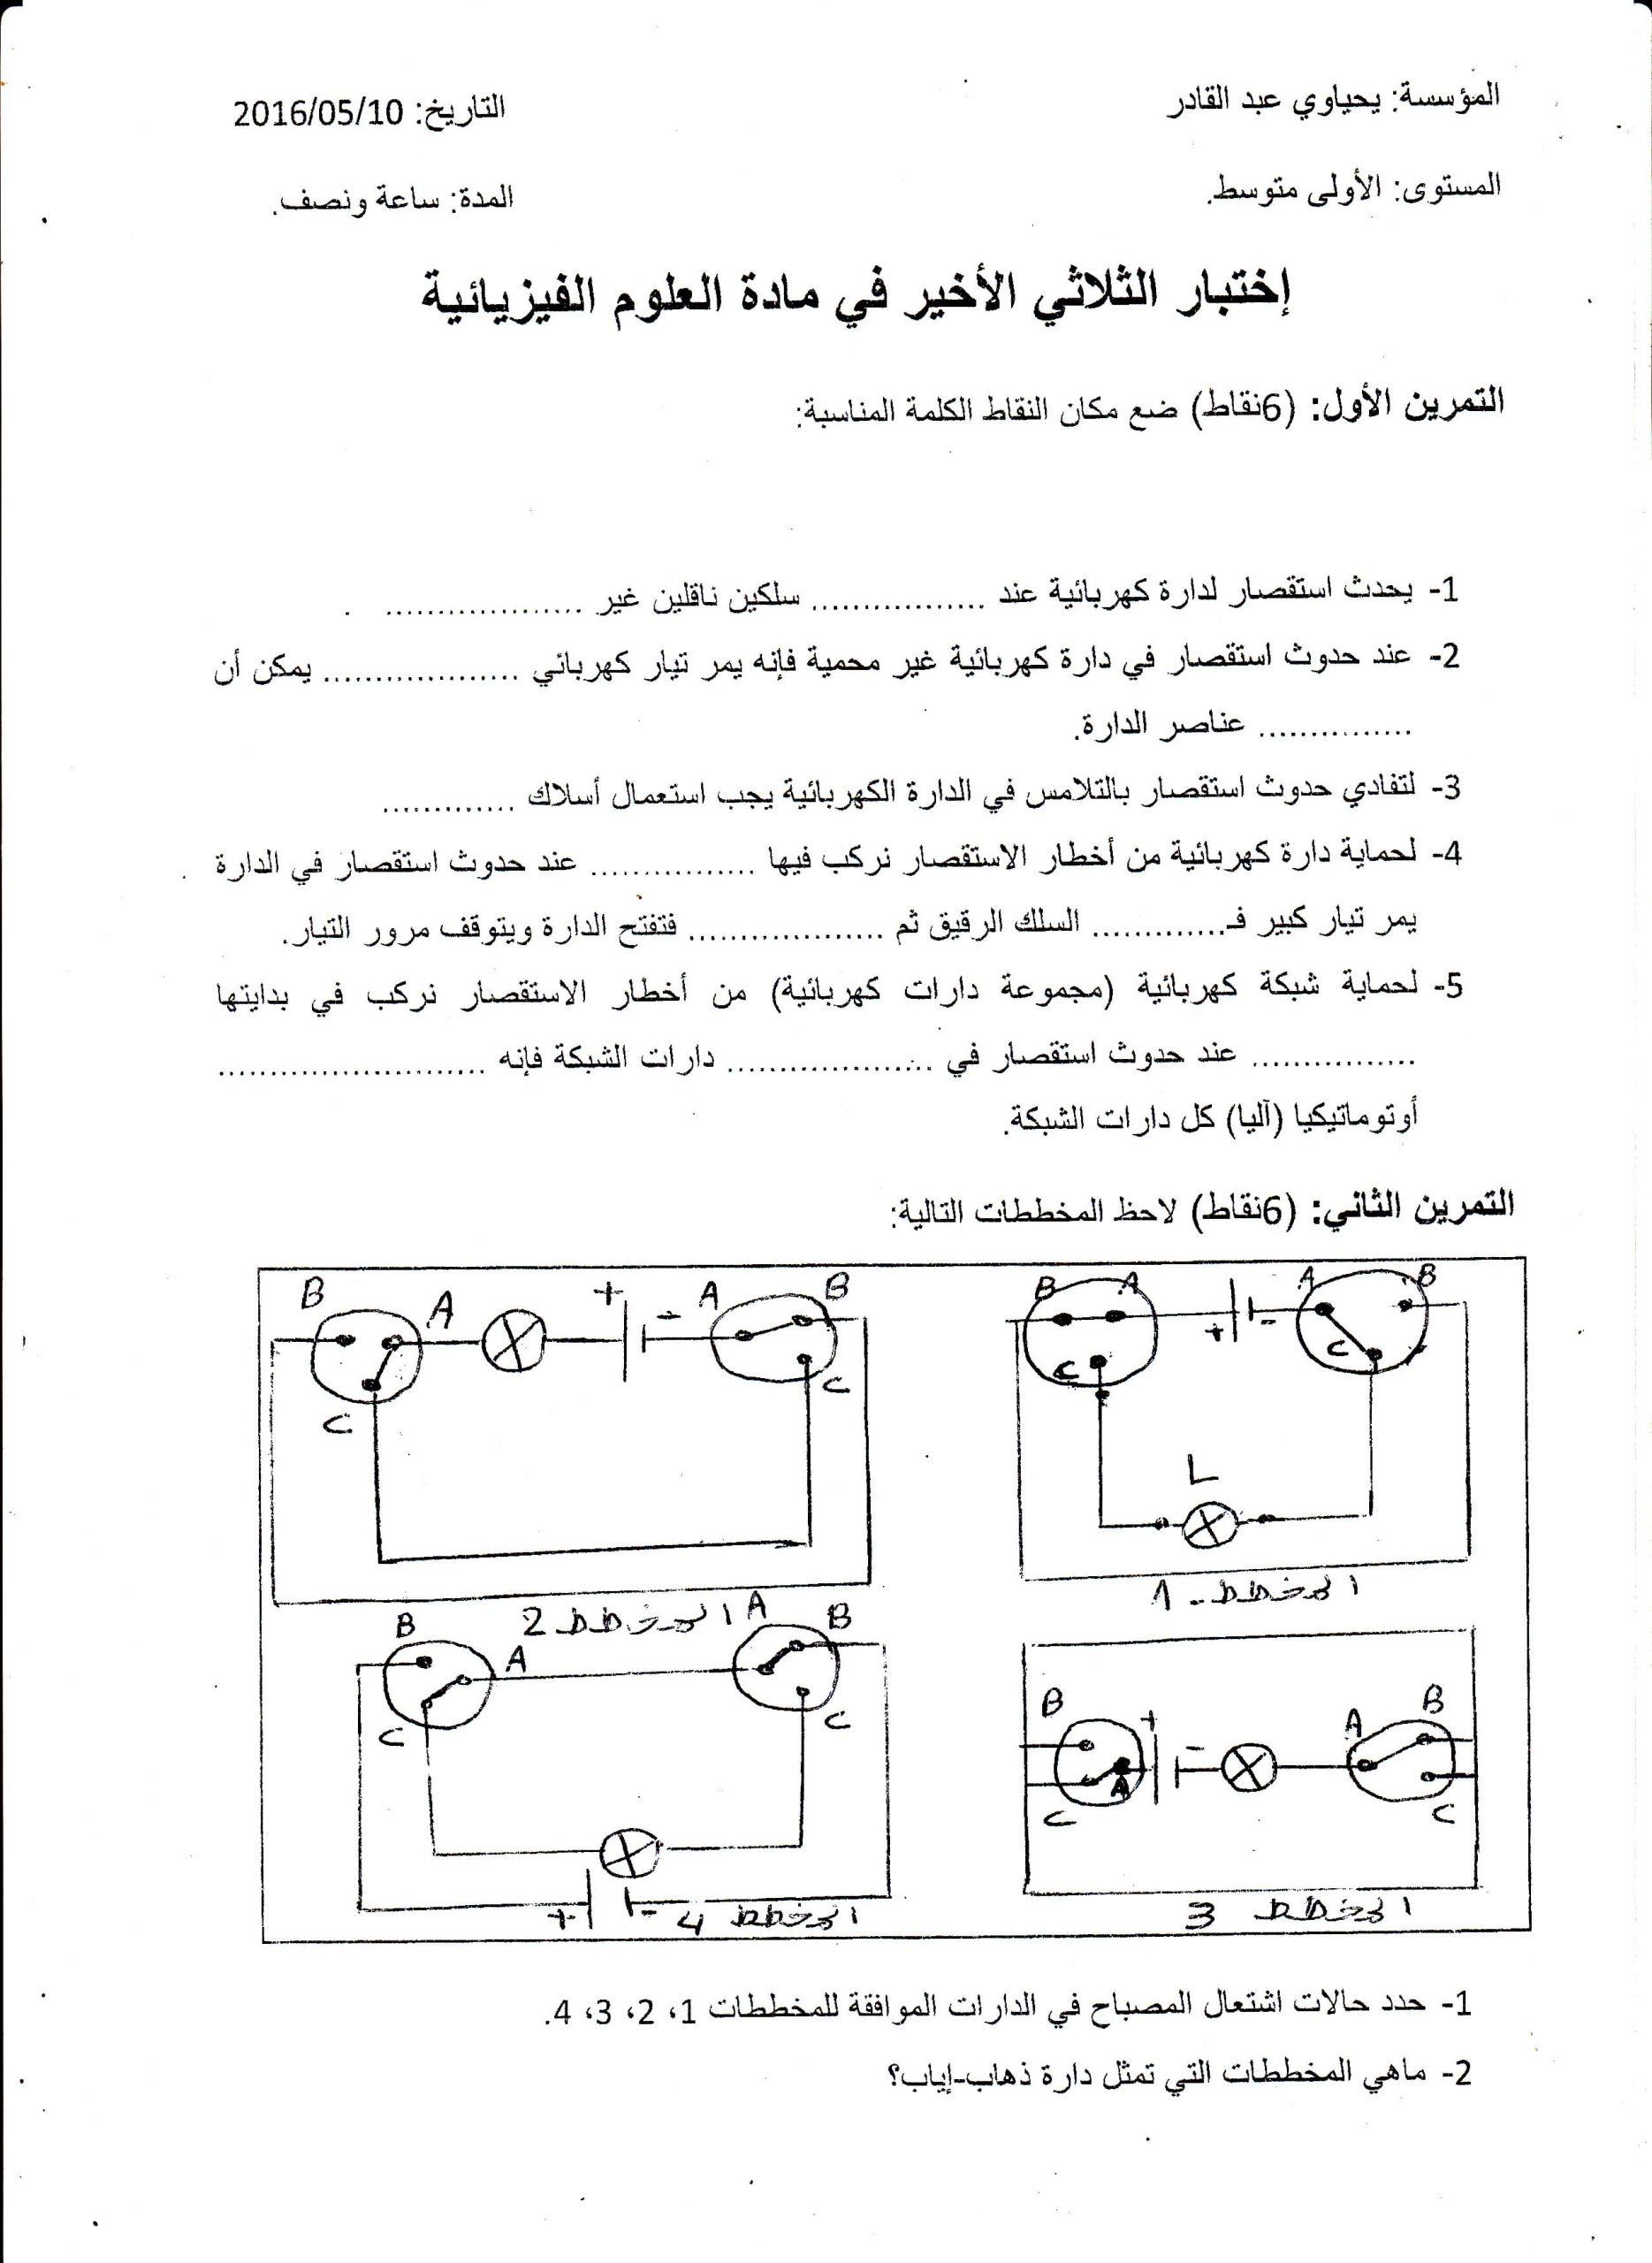 اختبار الفصل الثالث في العلوم الفيزيائية للسنة الأولى متوسط - الموضوع 06